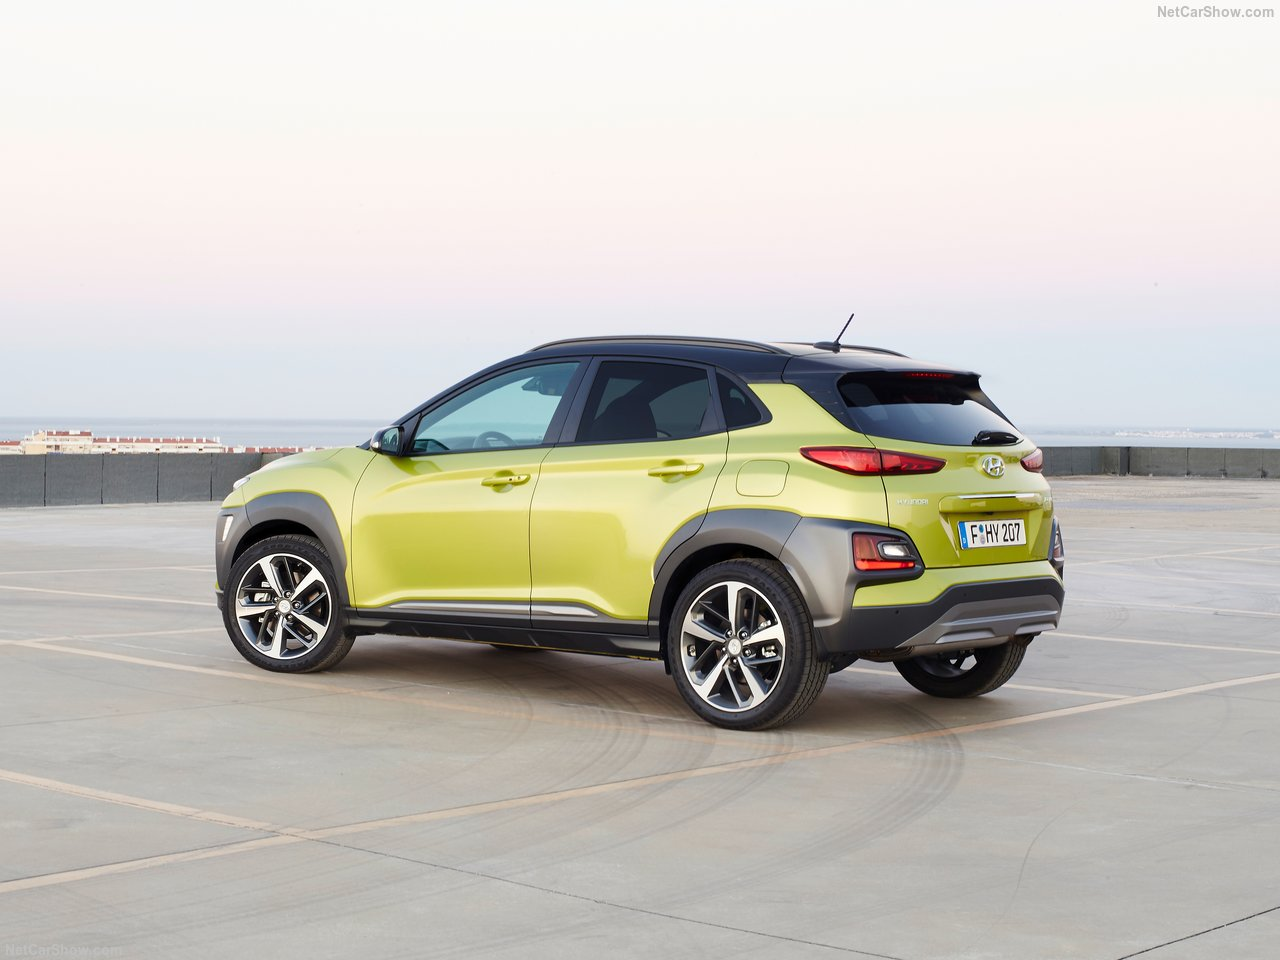 Hyundai-Kona-2018-1280-0e